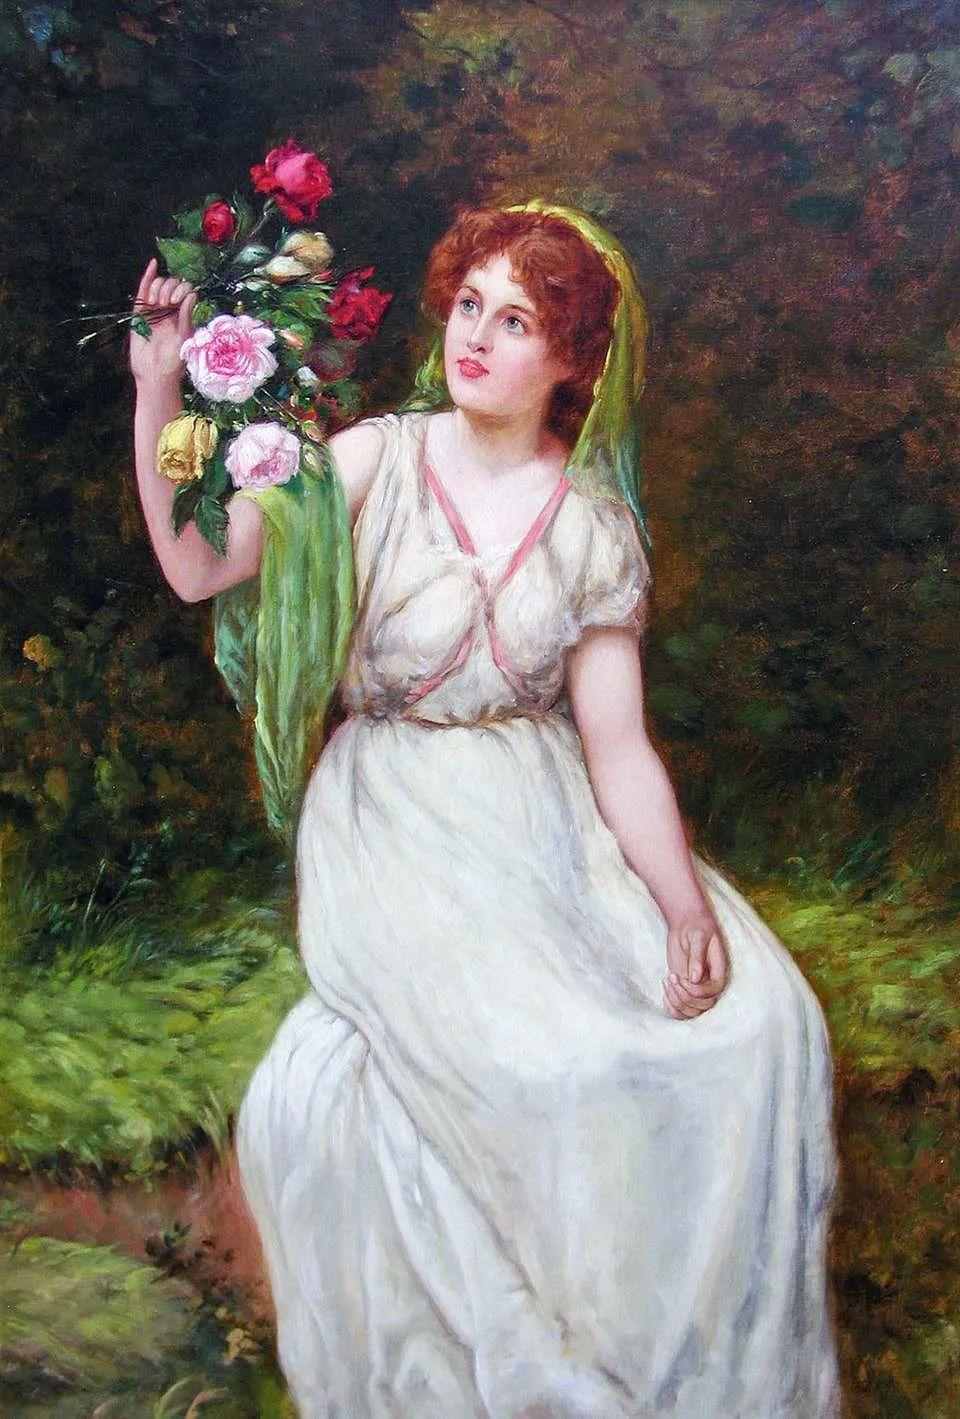 纯情与美丽,英国画家威廉·奥利弗作品选插图1